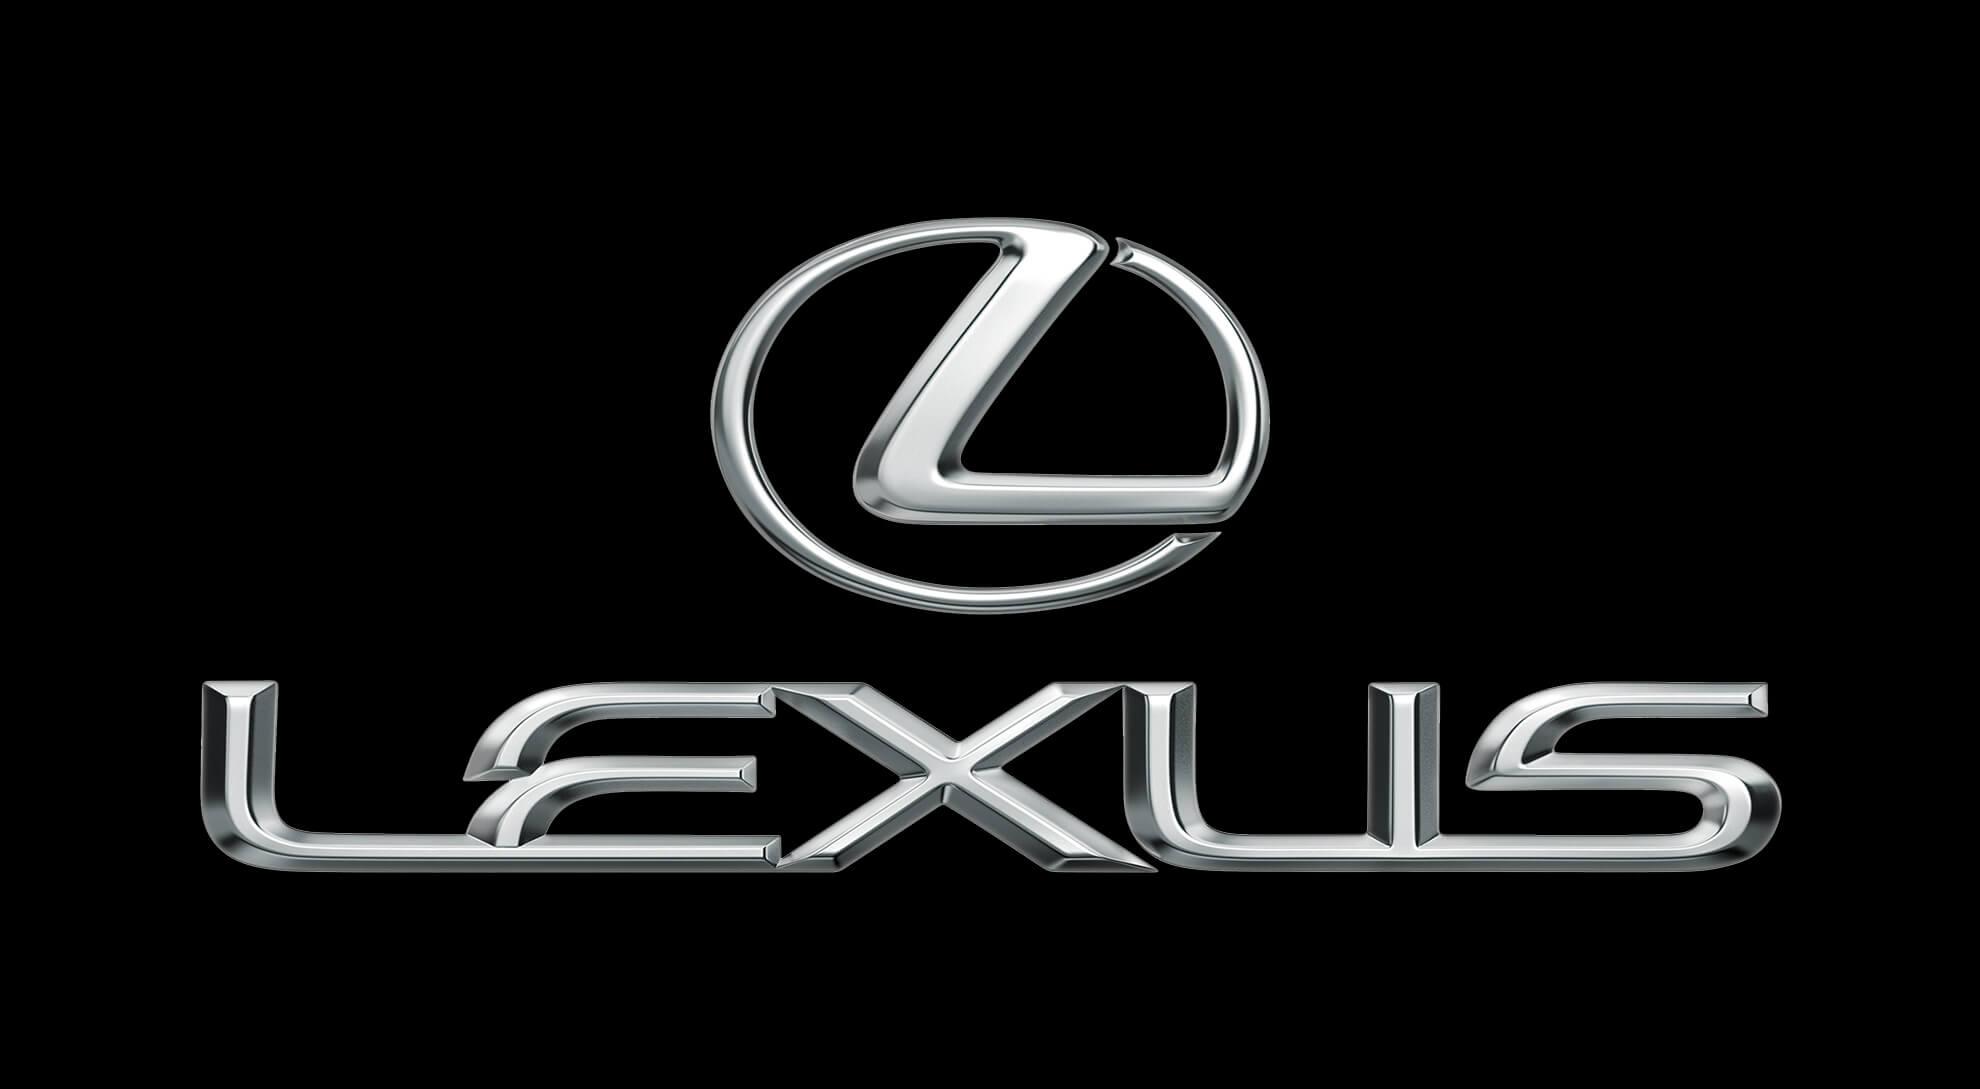 ustanovka-android-lexus